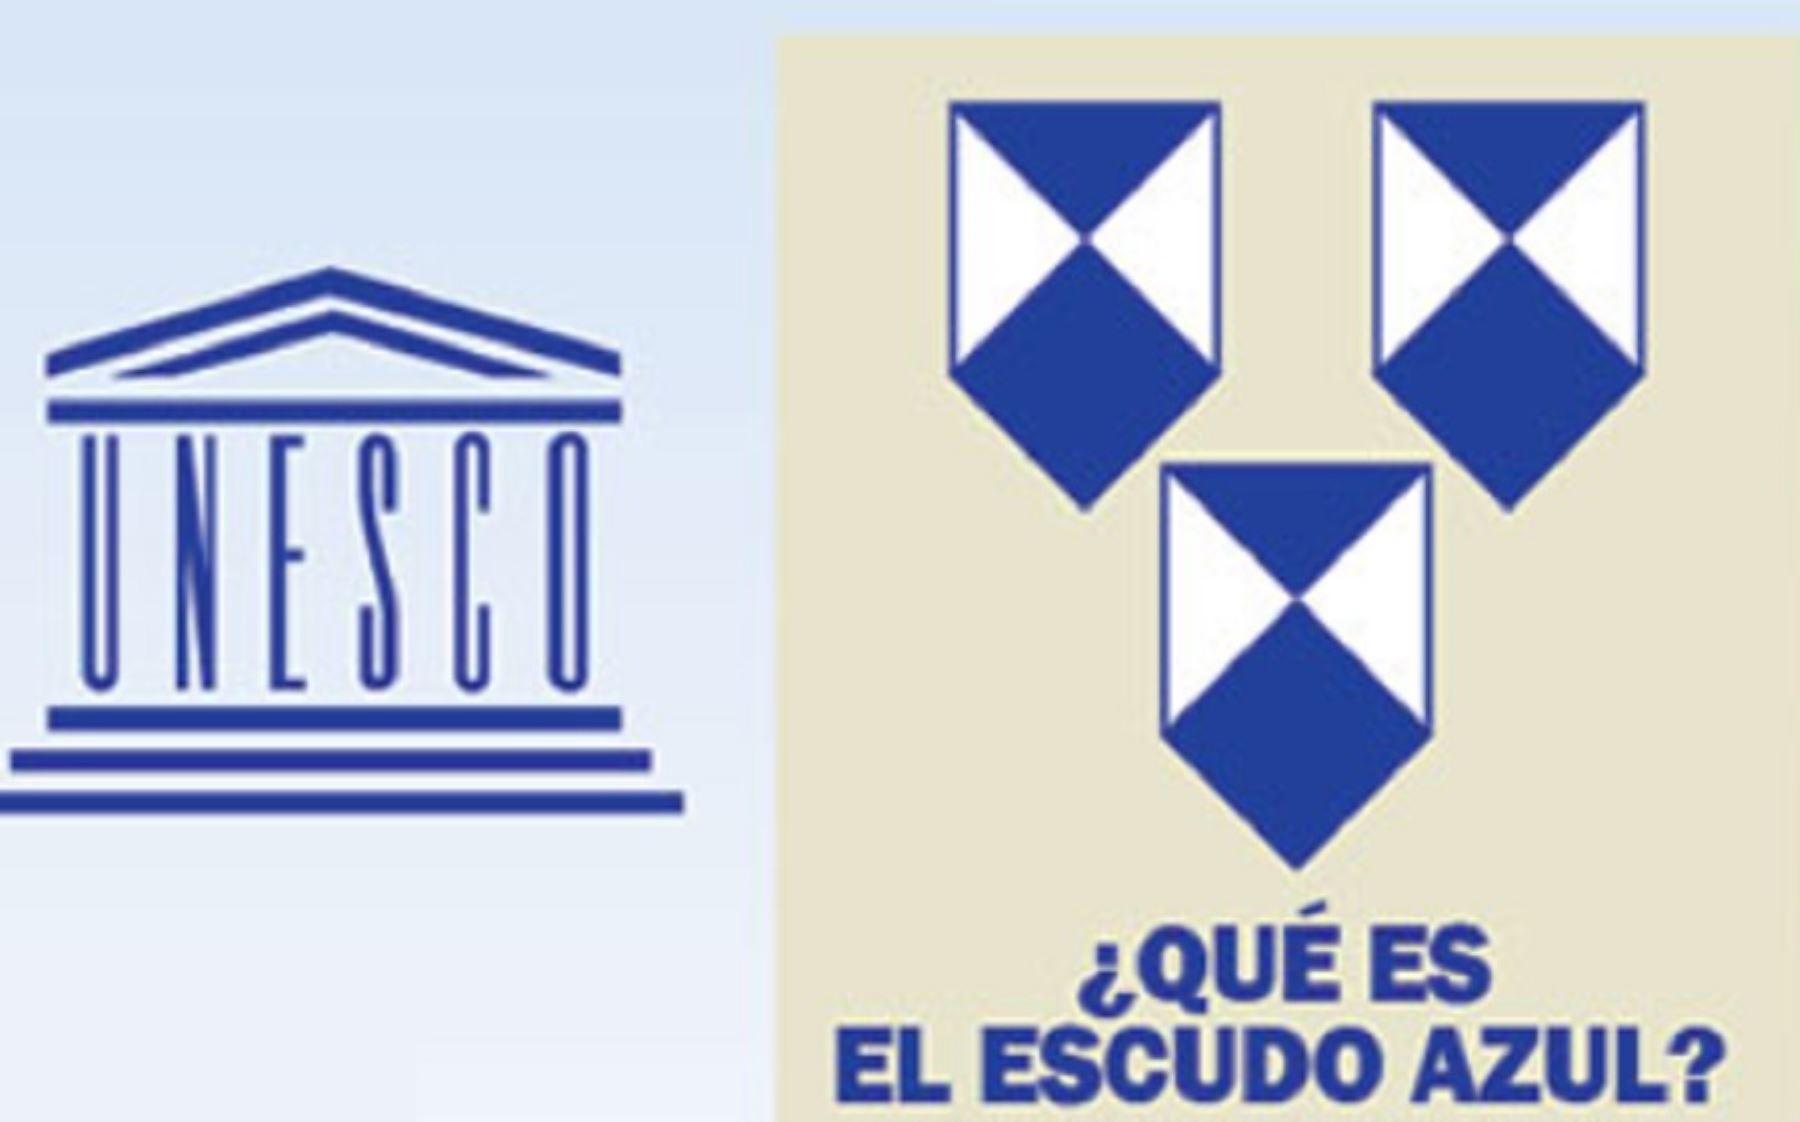 Con la reciente distinción a la Casa del Inca Garcilaso de la Vega, actual sede del Museo Histórico Regional de Cusco, con el Escudo Azul de la Unesco, el Perú renovó su compromiso con la protección y conservación de su patrimonio monumental.